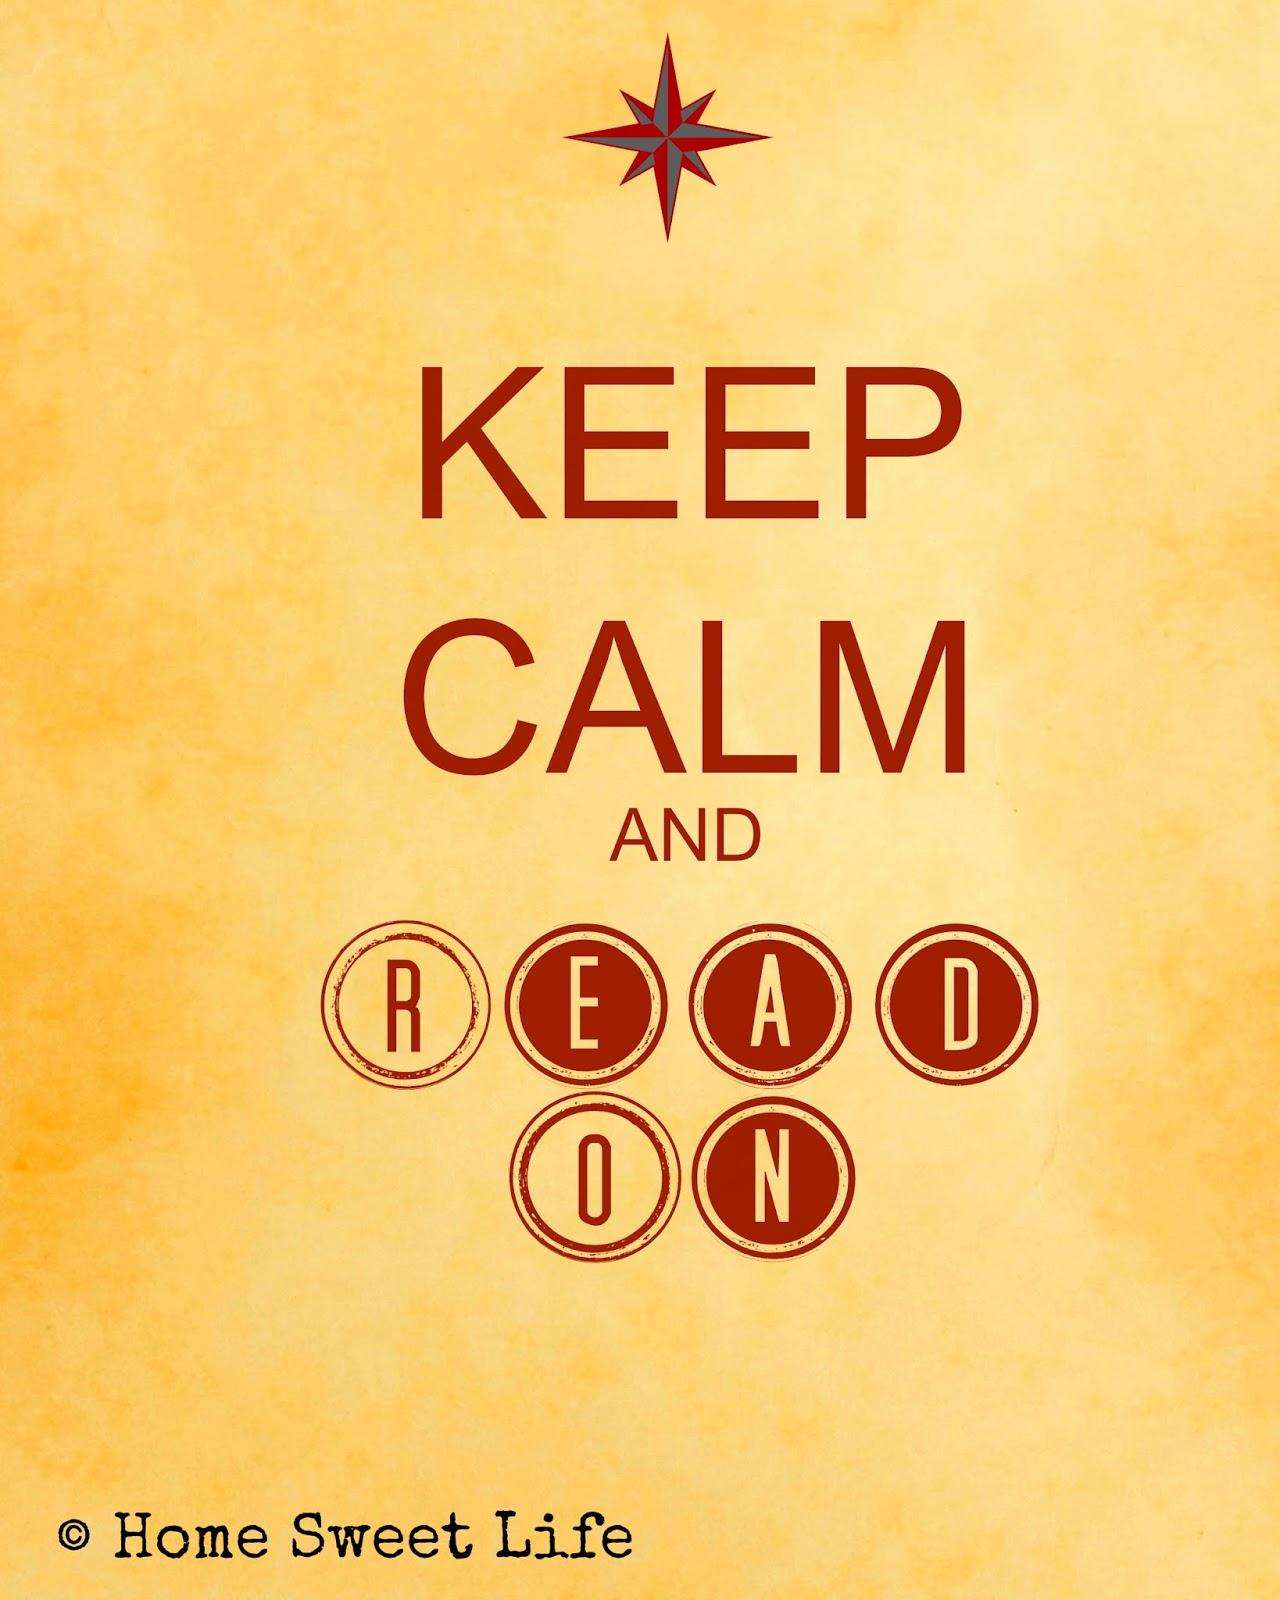 Keep Calm signs